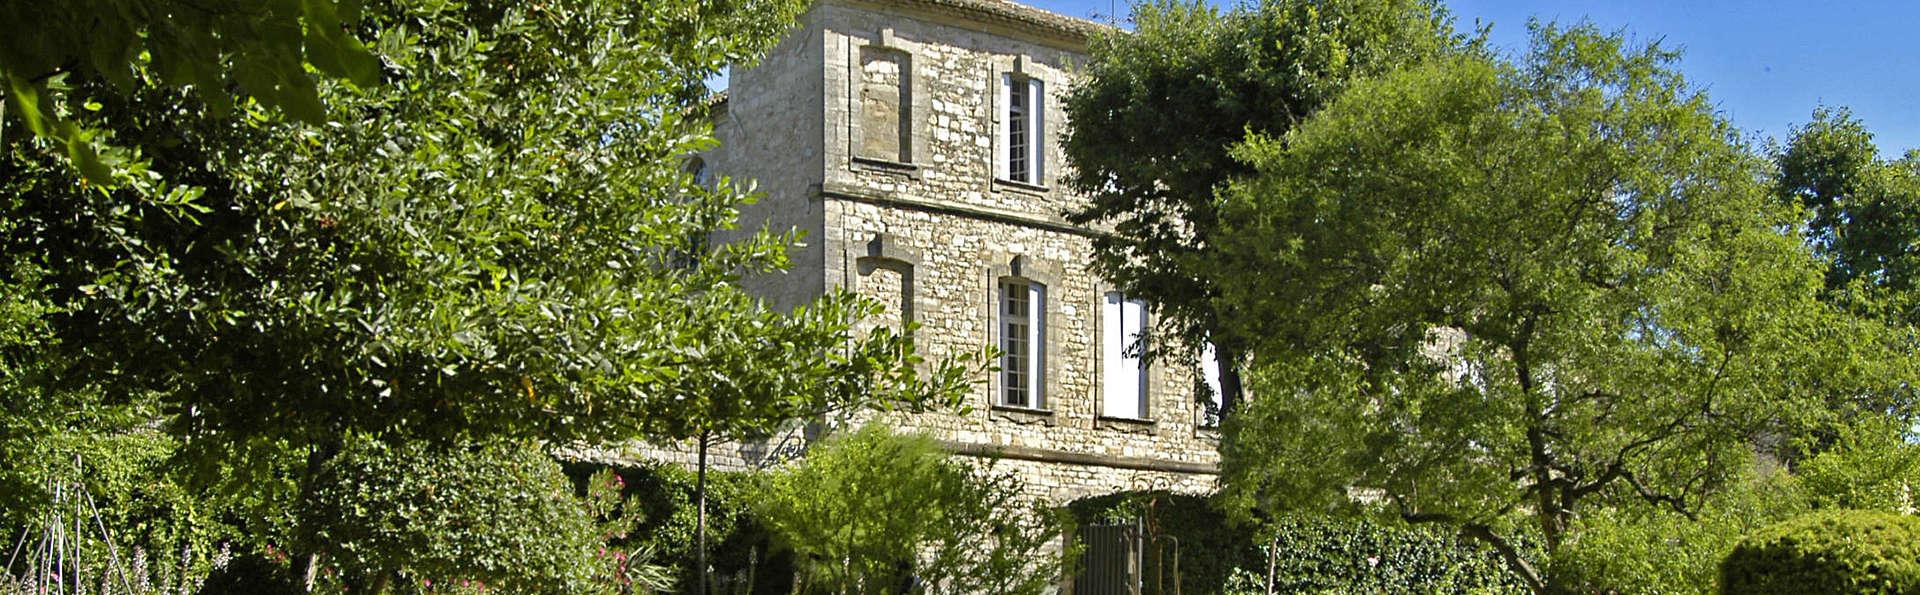 Château d'Arpaillargues - EDIT_Facade_du_Chateau.jpg